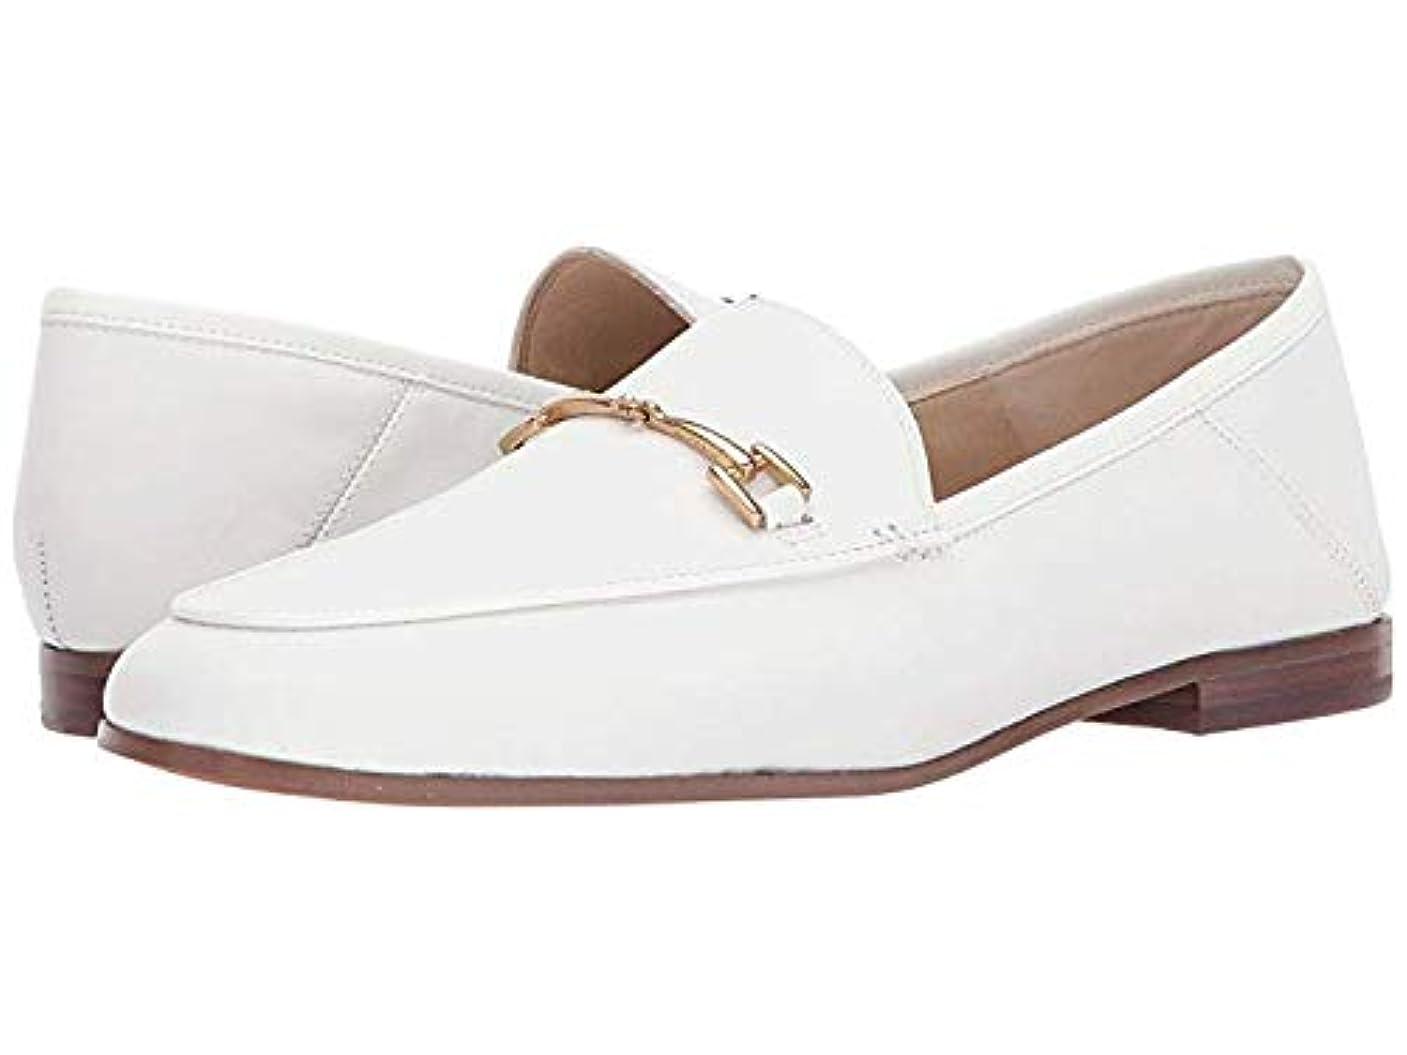 水星実用的フォーク[Sam Edelman(サムエデルマン)] レディースローファー?靴 Loraine Loafer Bright White Modena Calf Leather (25cm) M [並行輸入品]